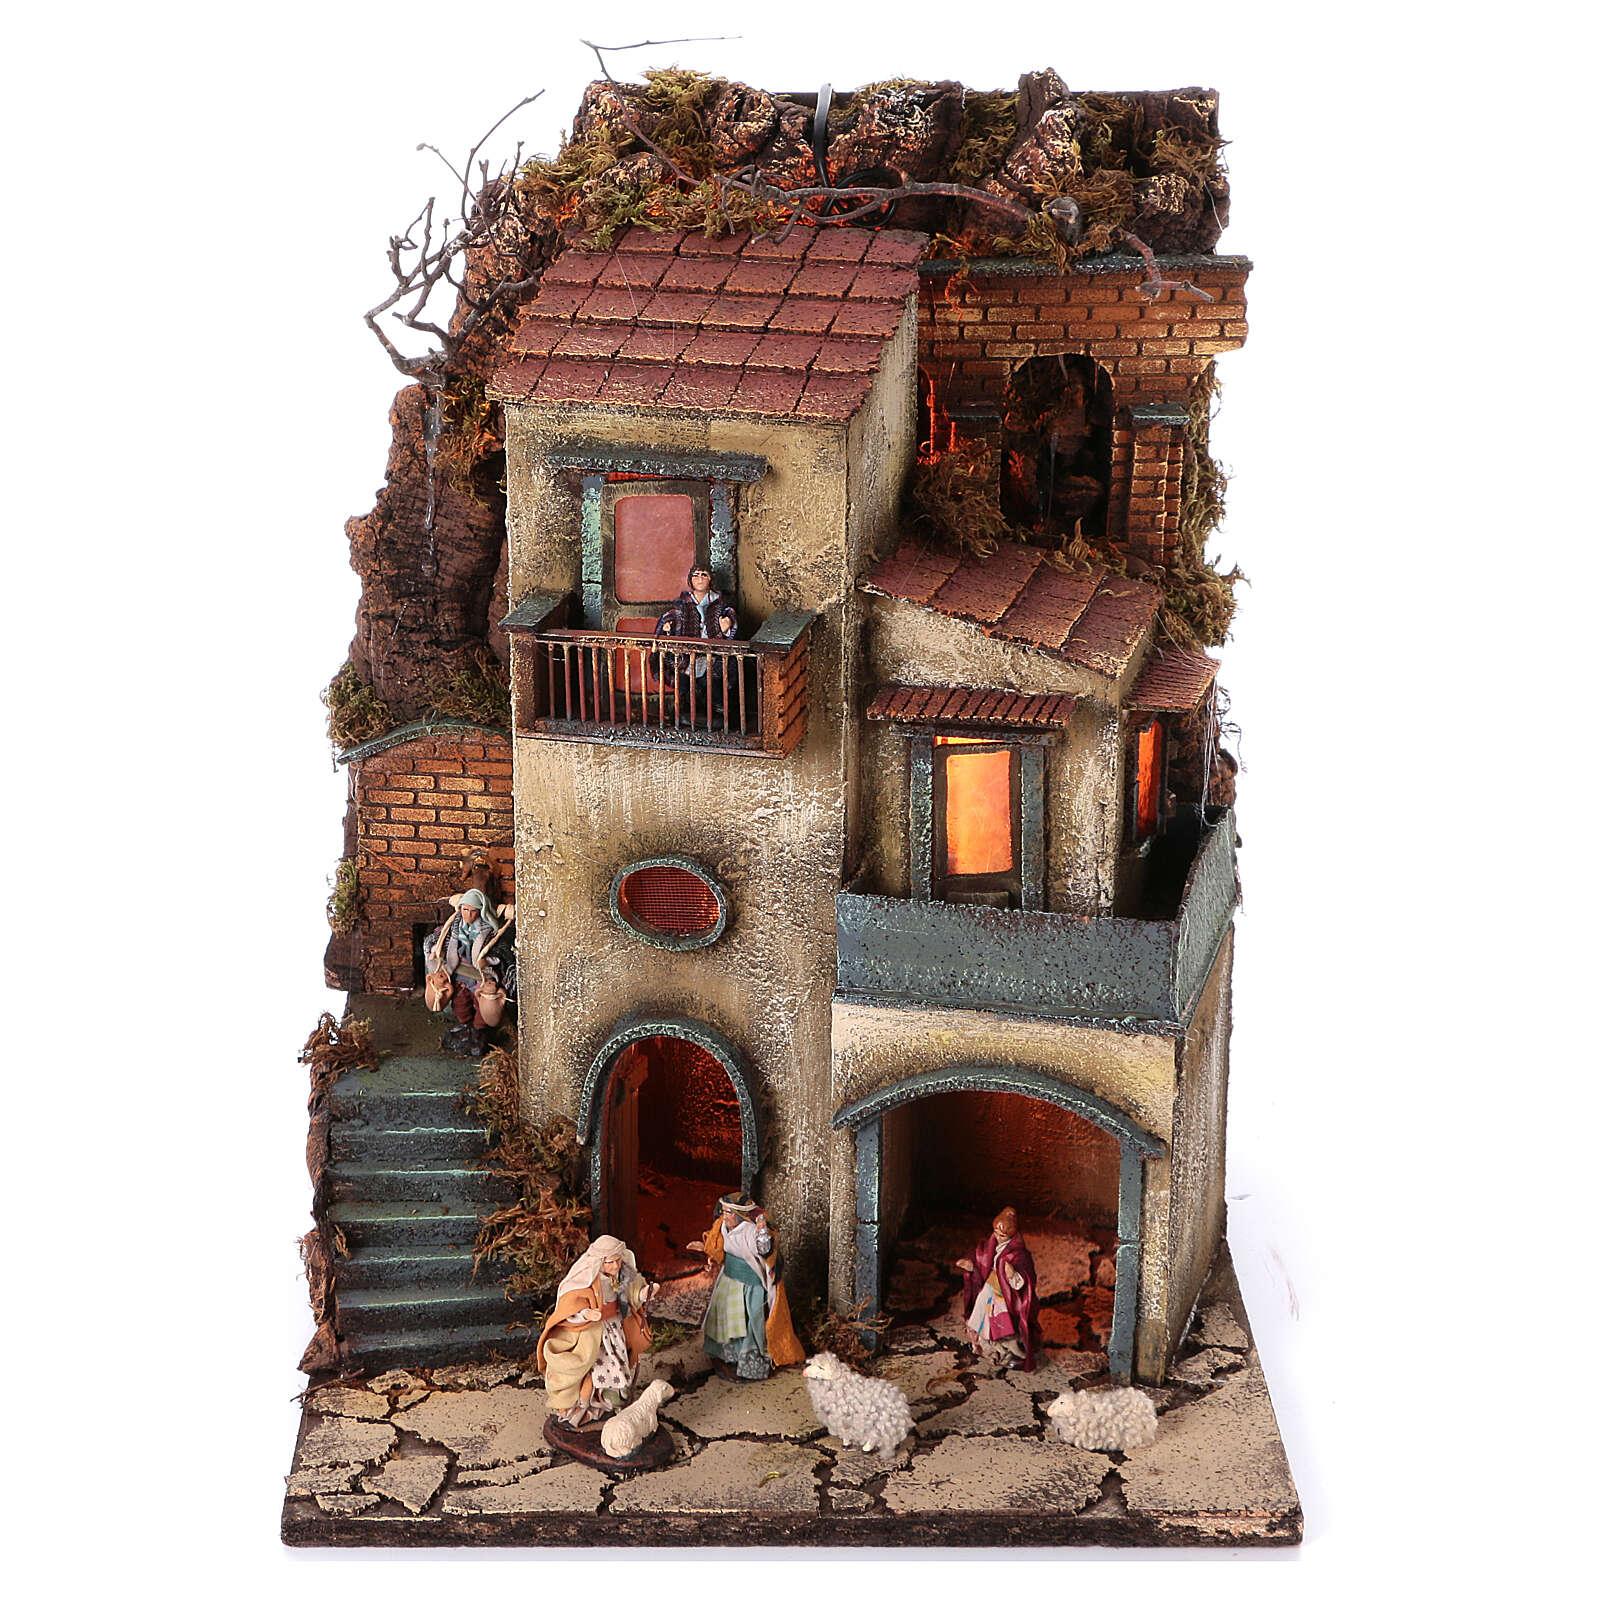 Presépio completo aldeia tradicional (todas as partes) figuras altura média 8 cm, medidas: 55x245x40 cm 4